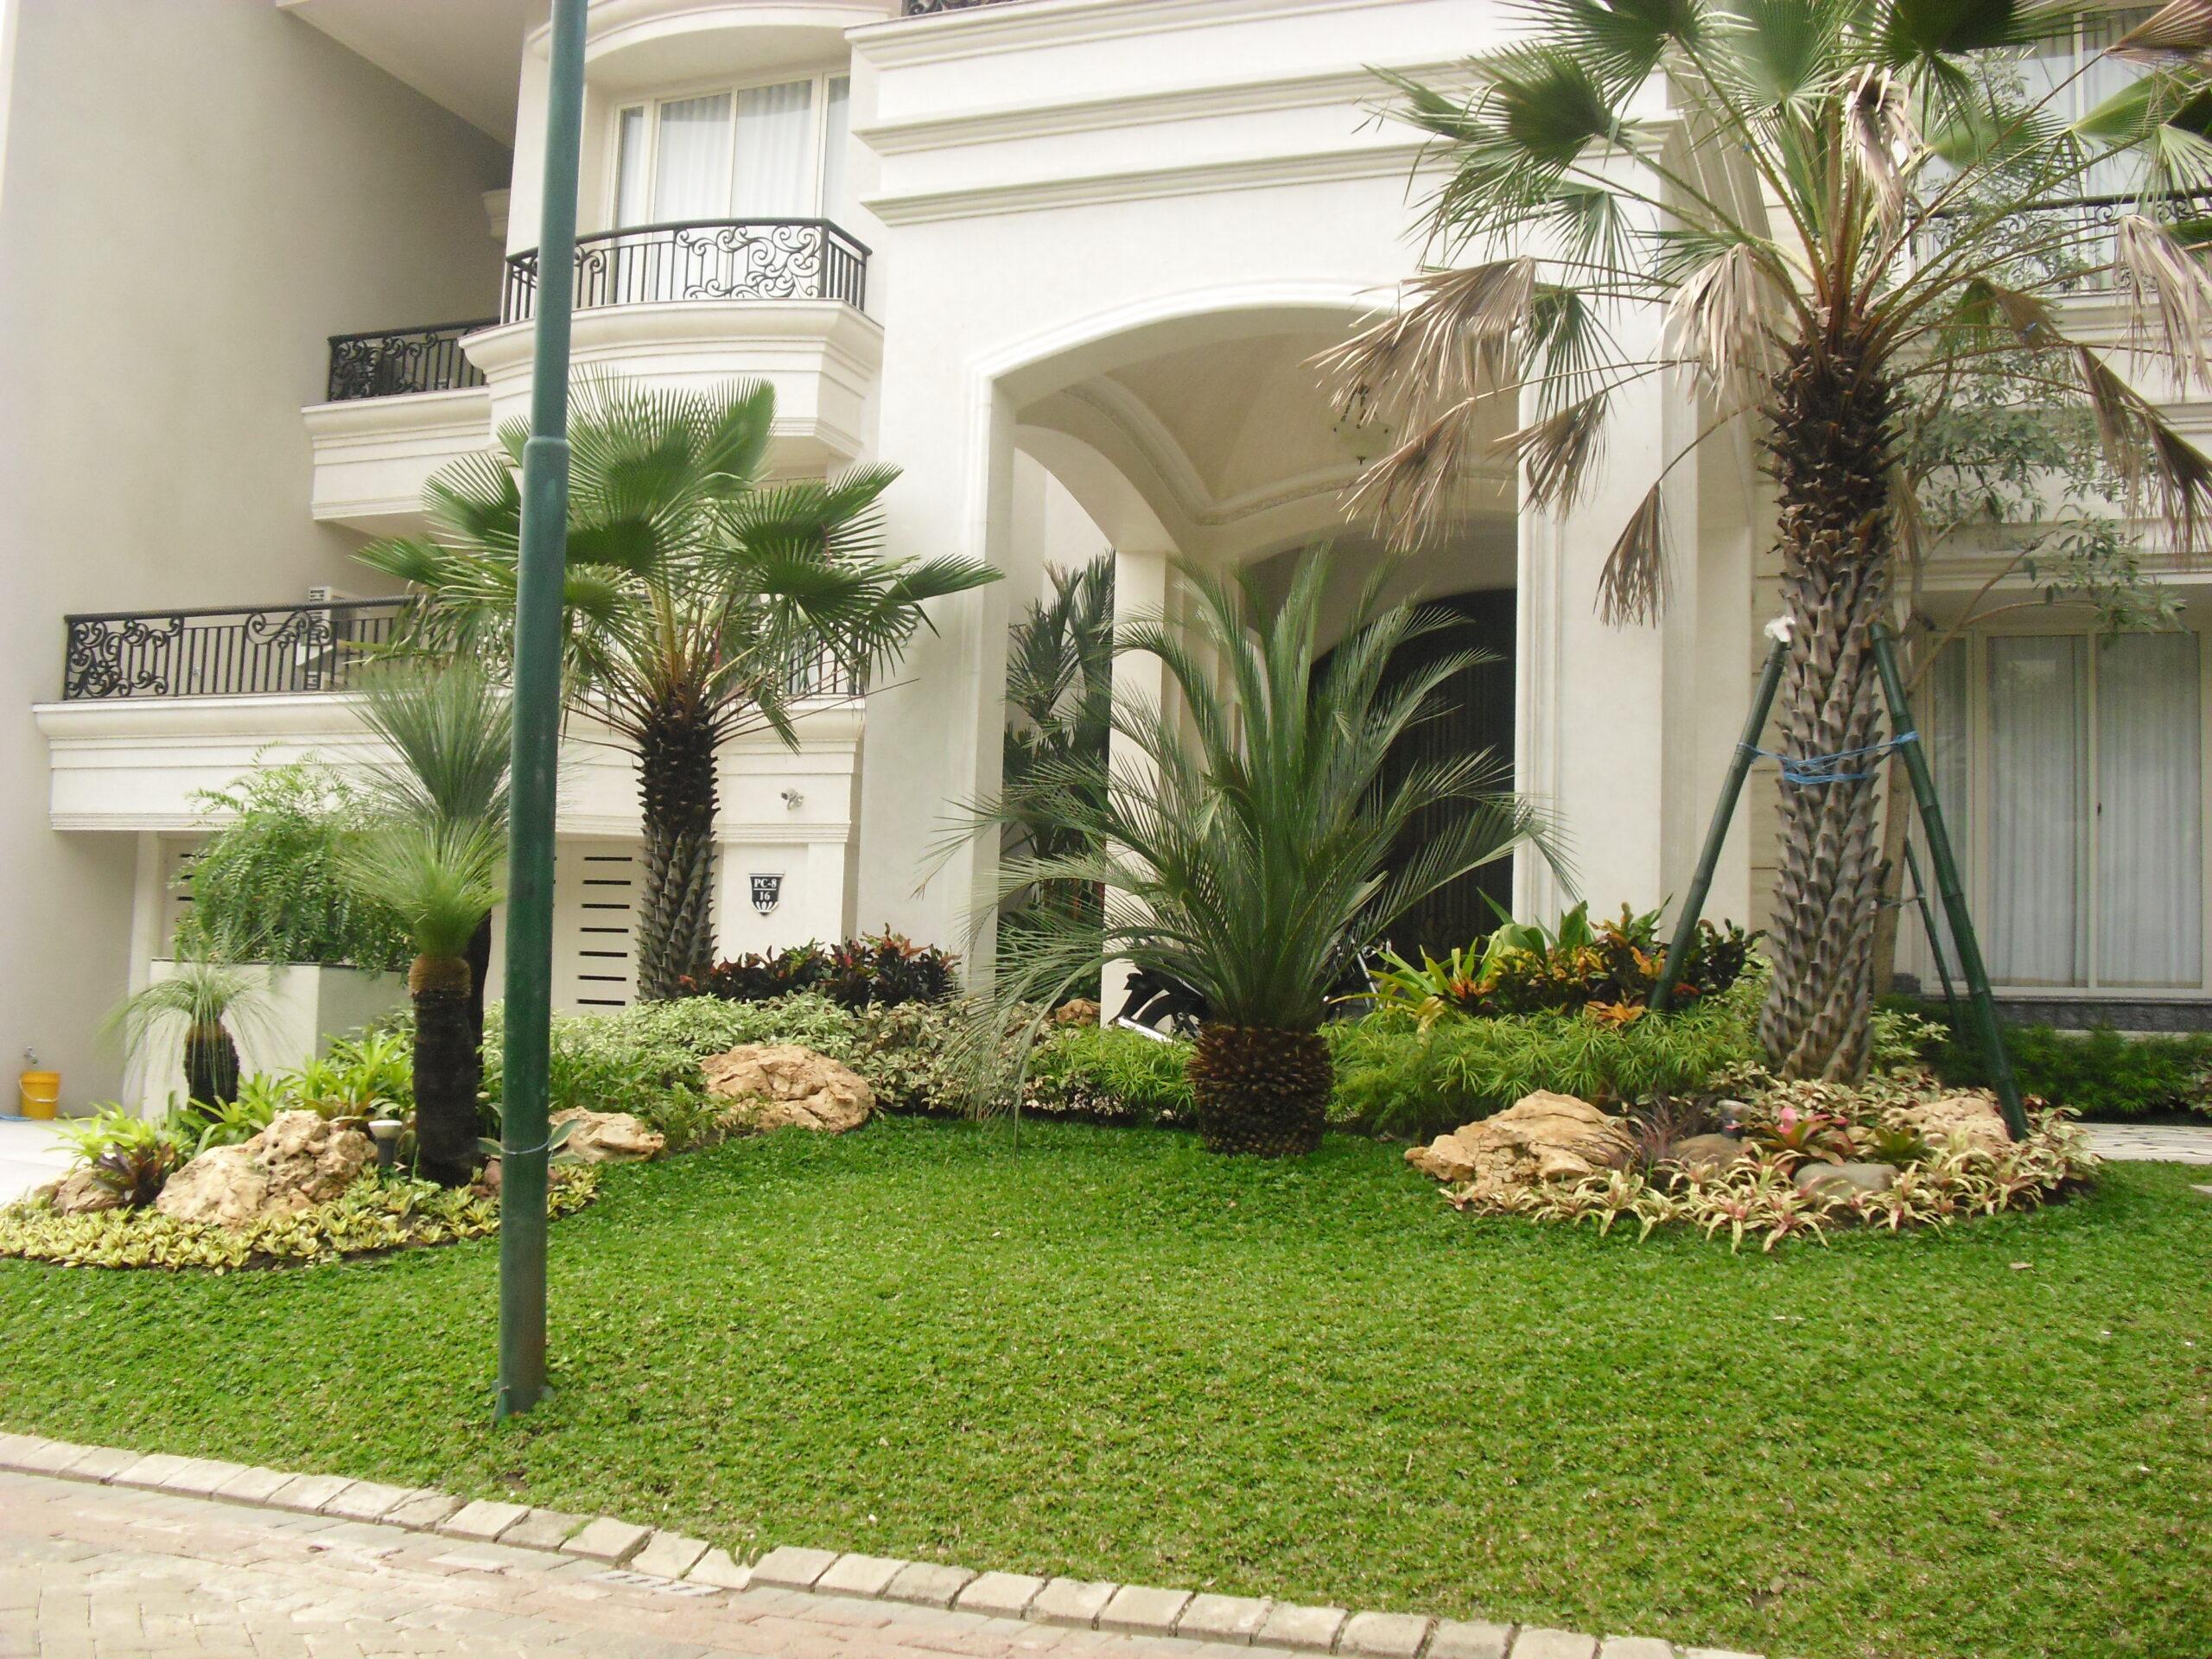 Jasa Tukang Kebun dan Taman Rumah Surabaya dan Sidoarjo